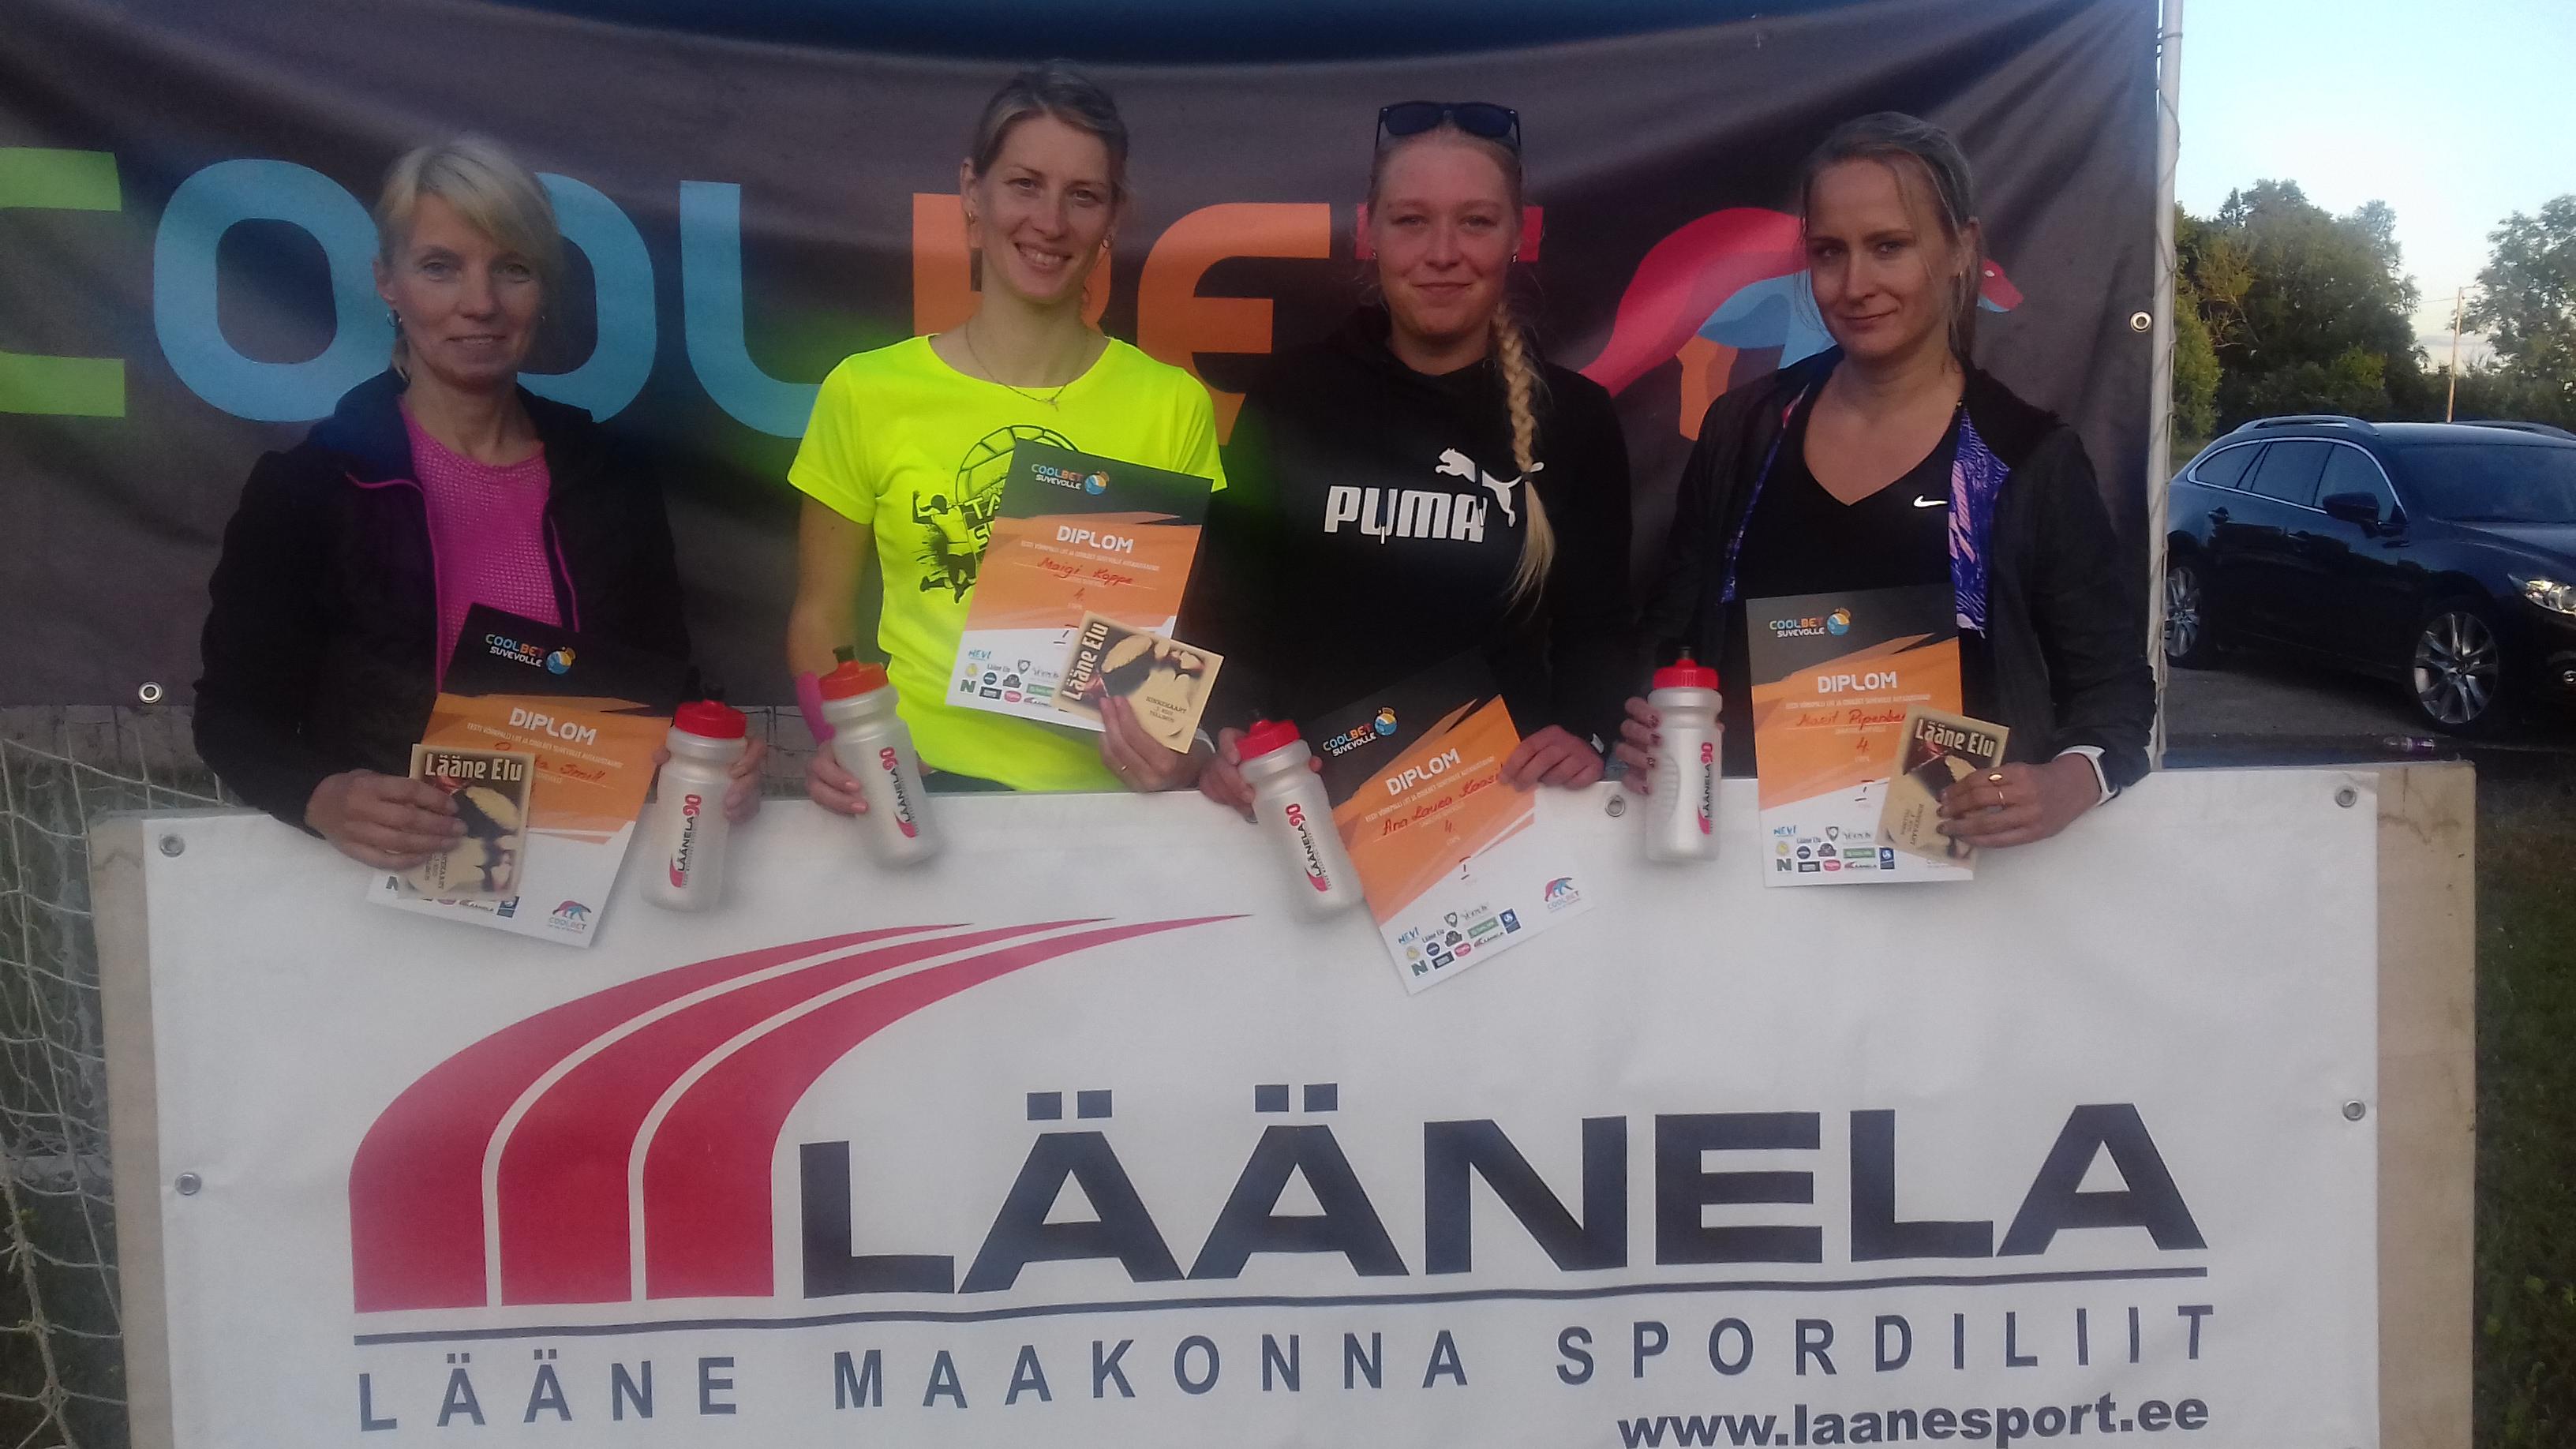 de8ca4a448e ... Laura Kaasik ja Maigi Koppe vajasid koguni kahes mängus võitmiseks  otsustavat lisageimi. Etapi auhinnalaua katsid Spordiliit Läänela ja OÜ Lääne  Elu.